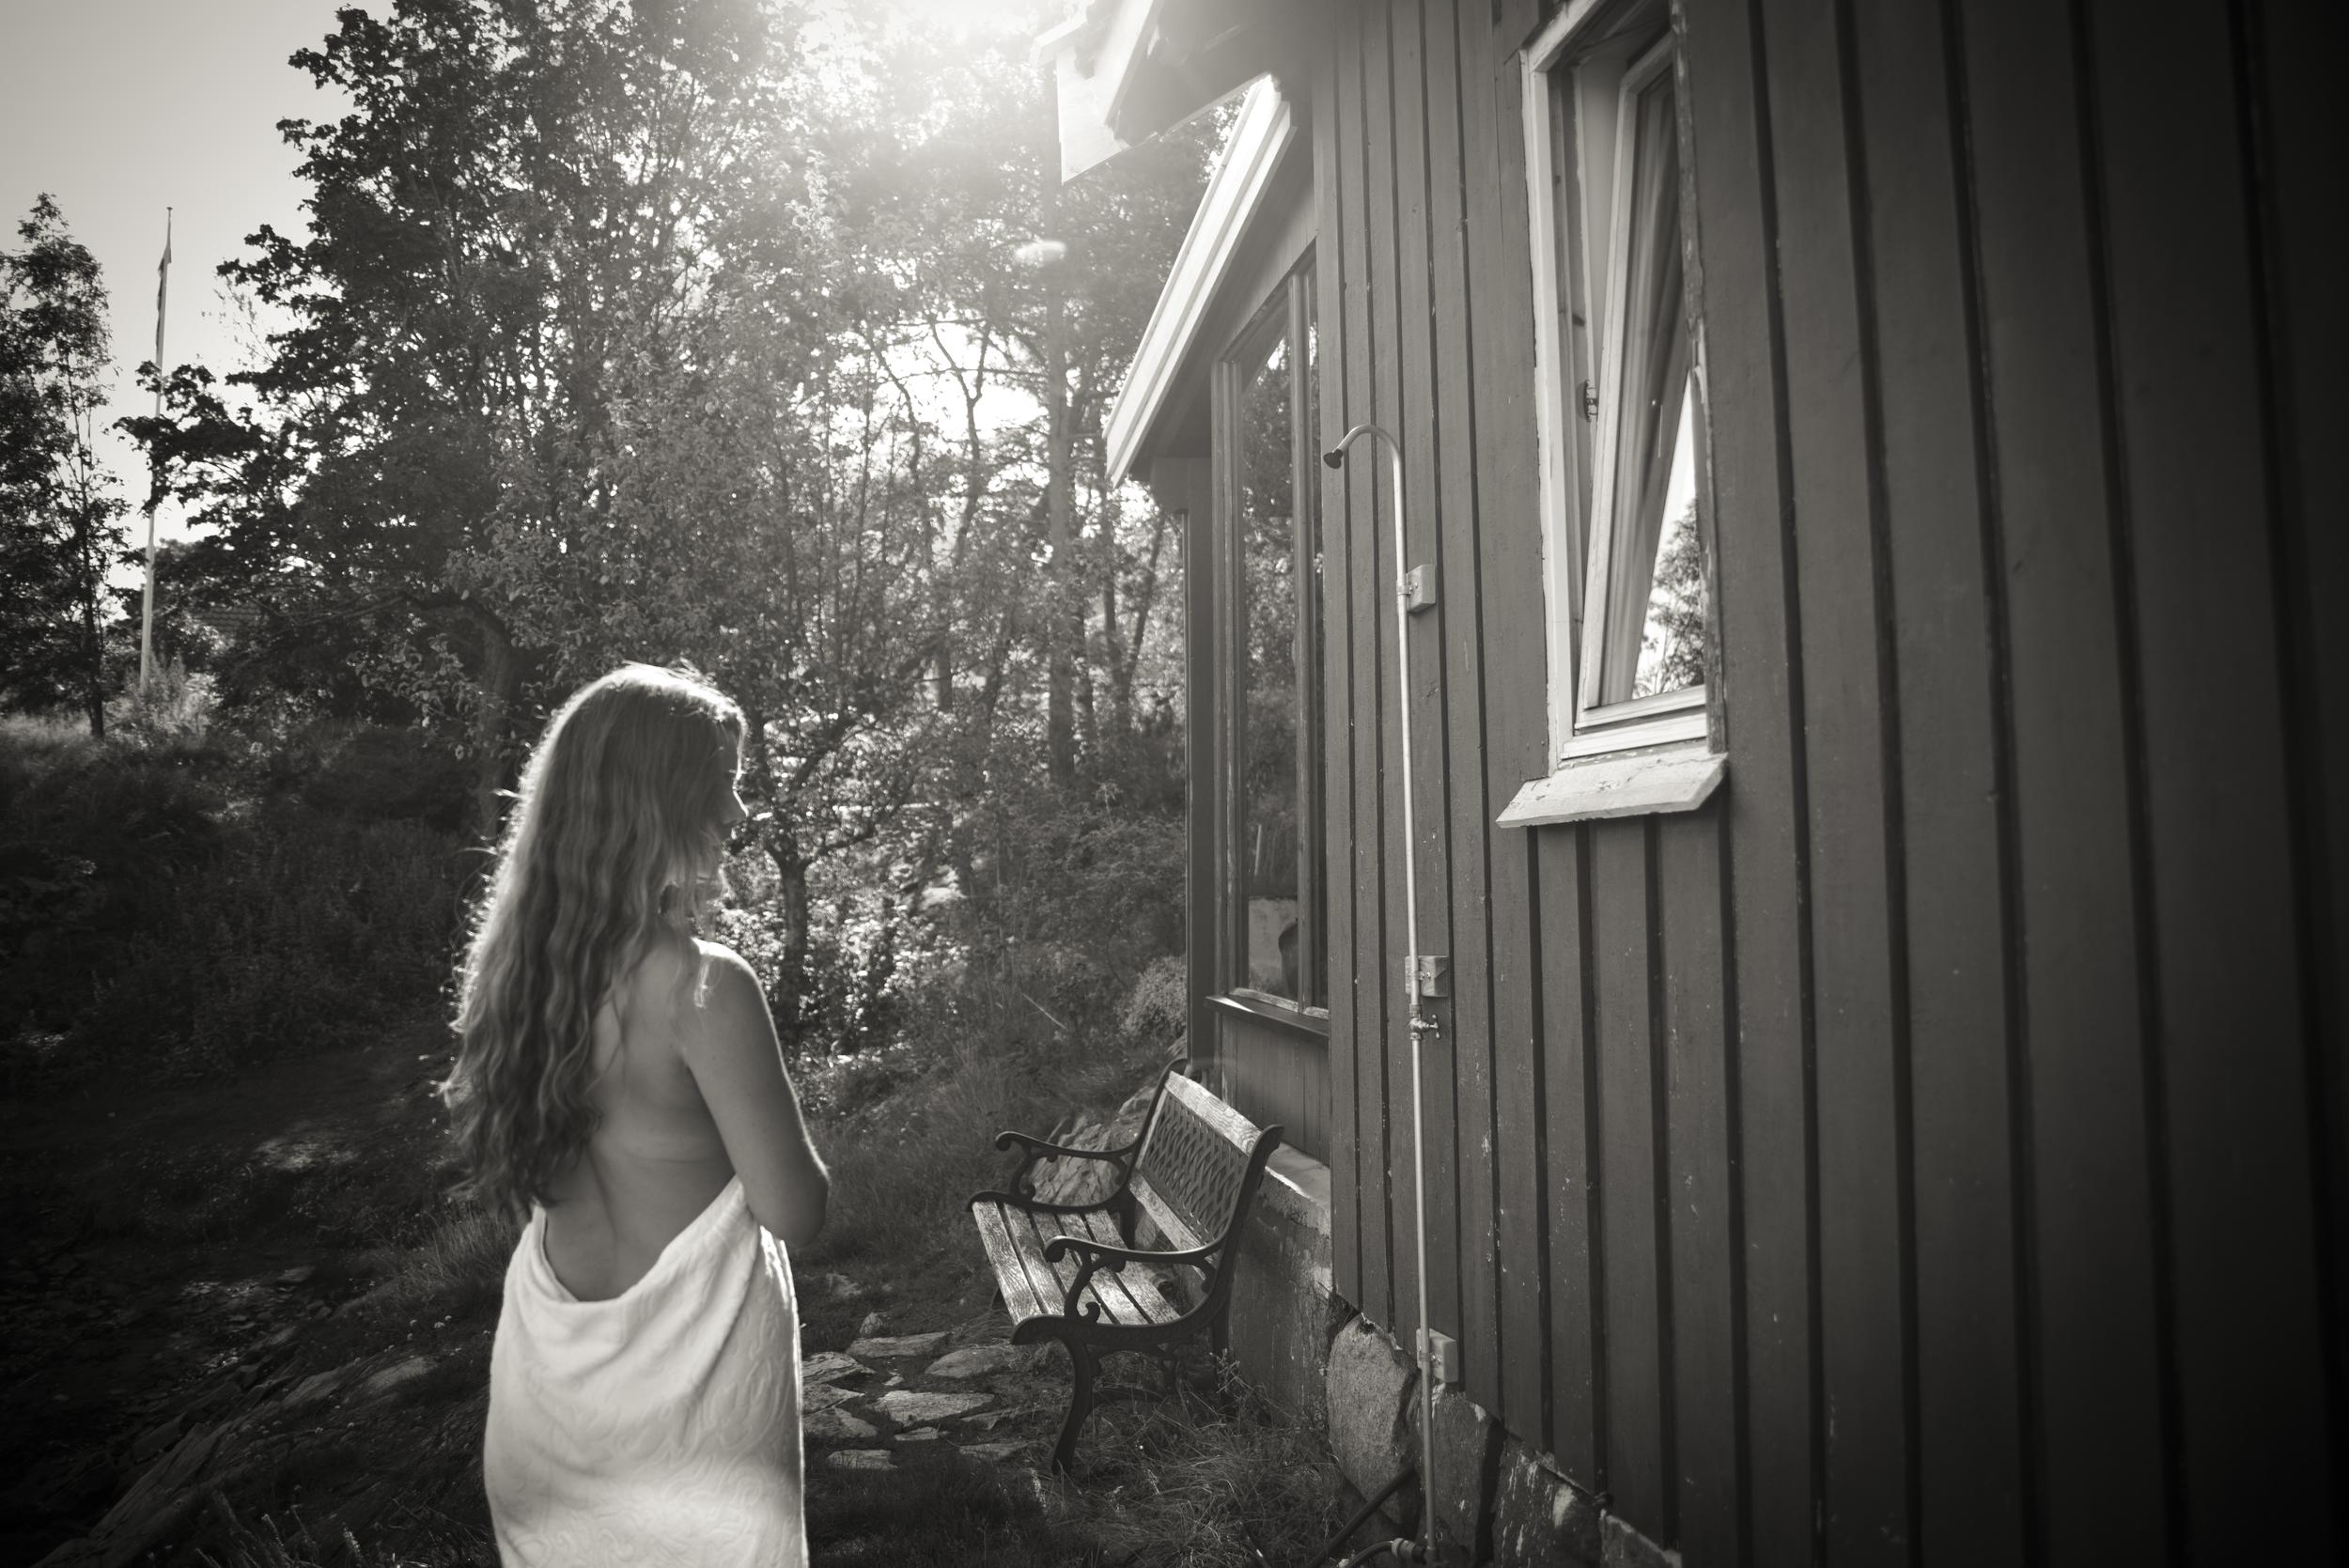 summer_dreams